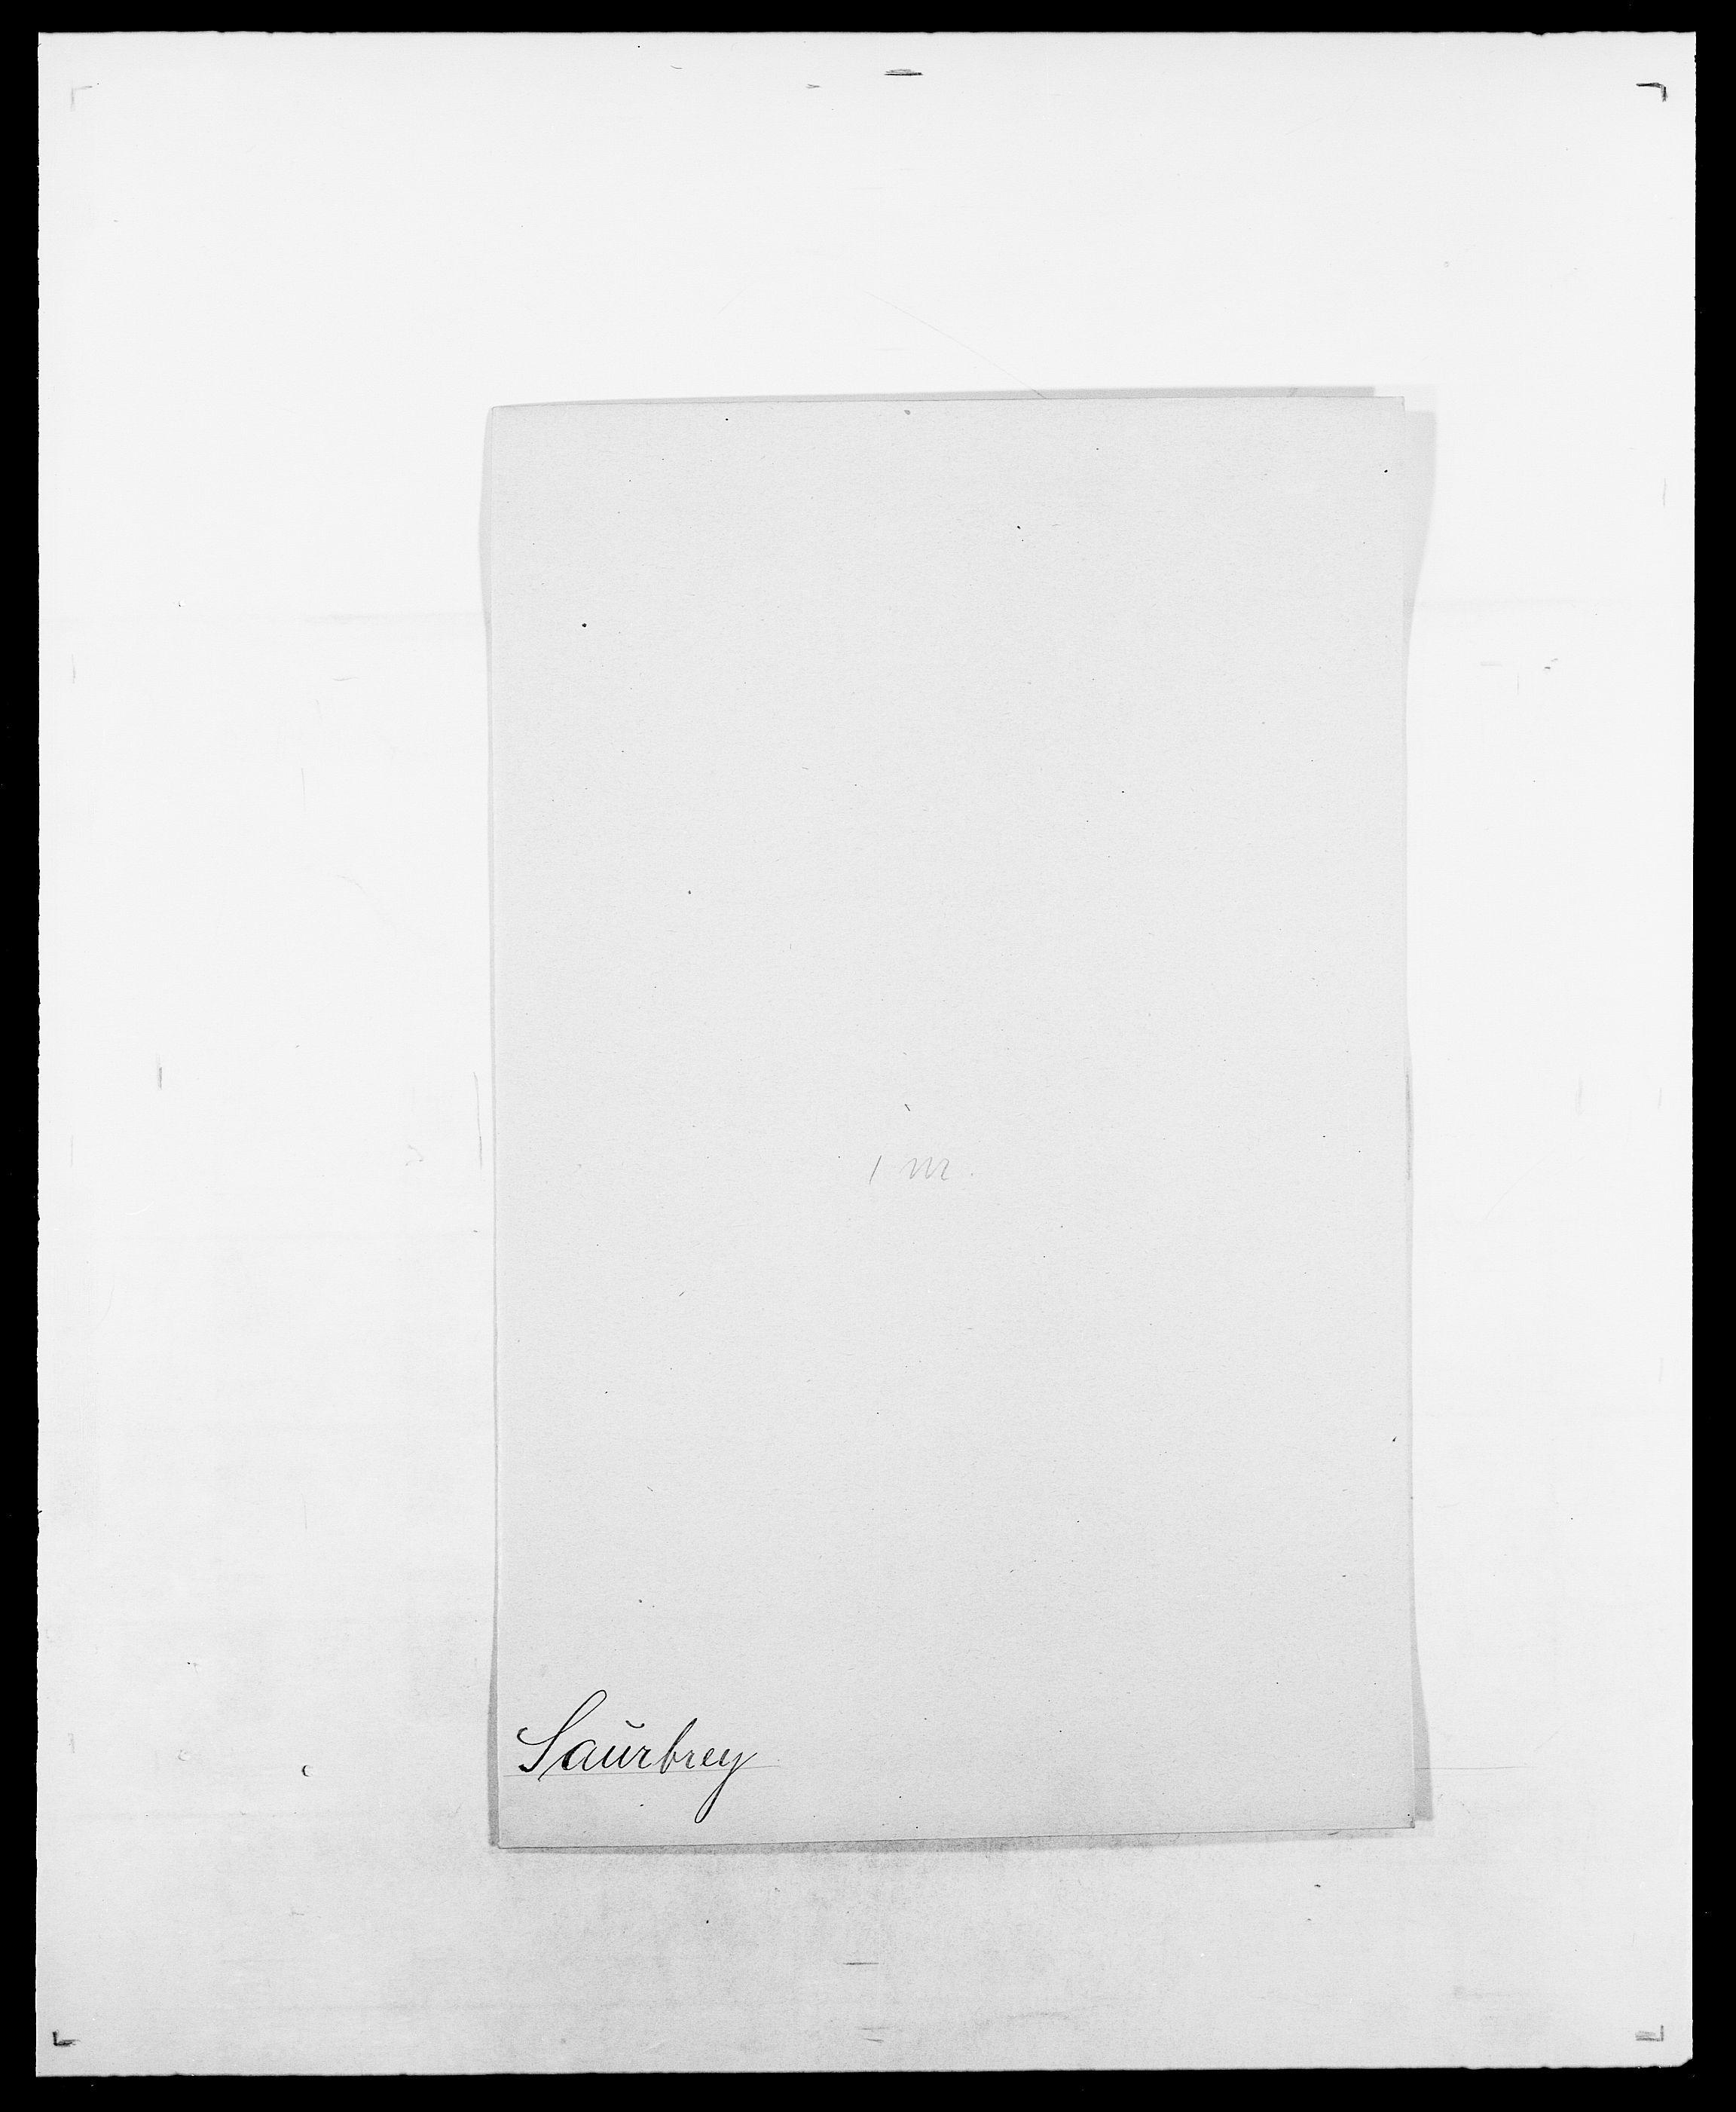 SAO, Delgobe, Charles Antoine - samling, D/Da/L0034: Saabye - Schmincke, s. 222